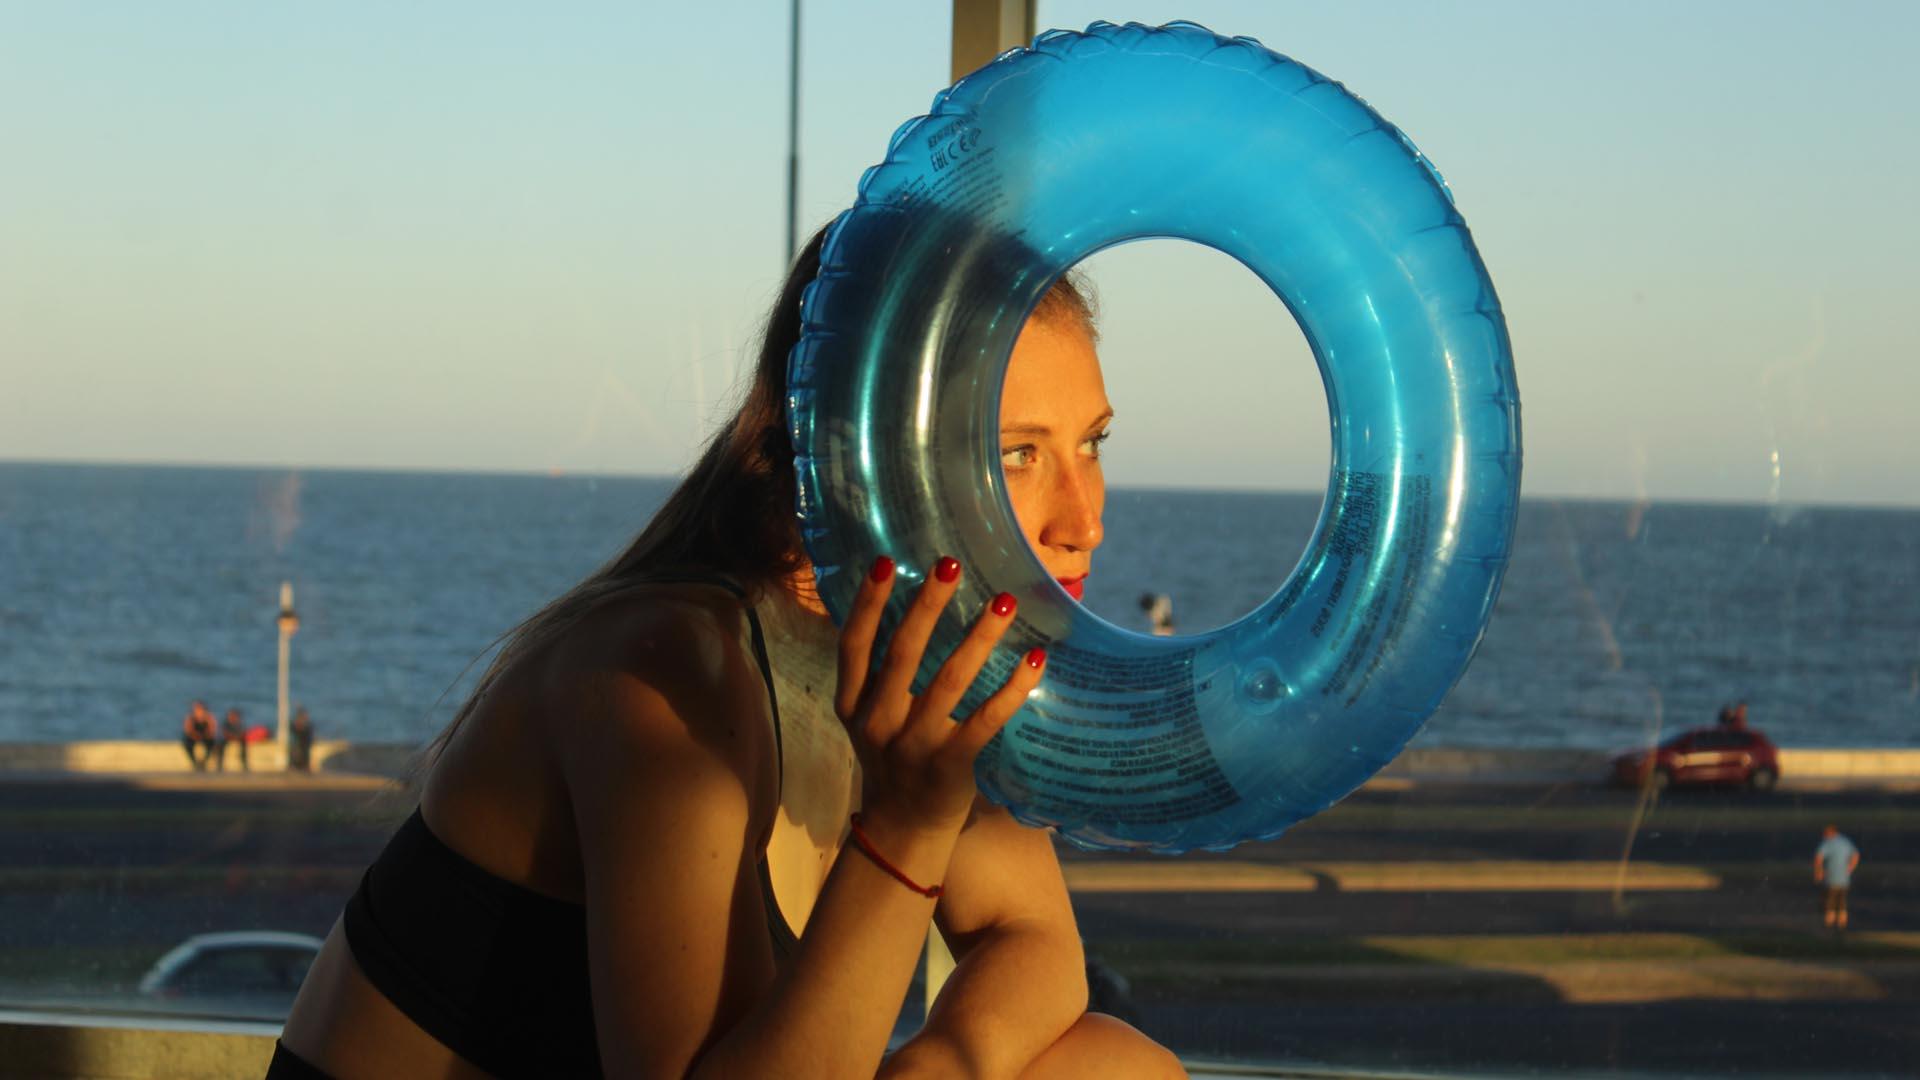 """Detalle de una """"performance itinerante"""" de Mariana Bellotto. Foto: Gentileza Sol Besoytaorube"""